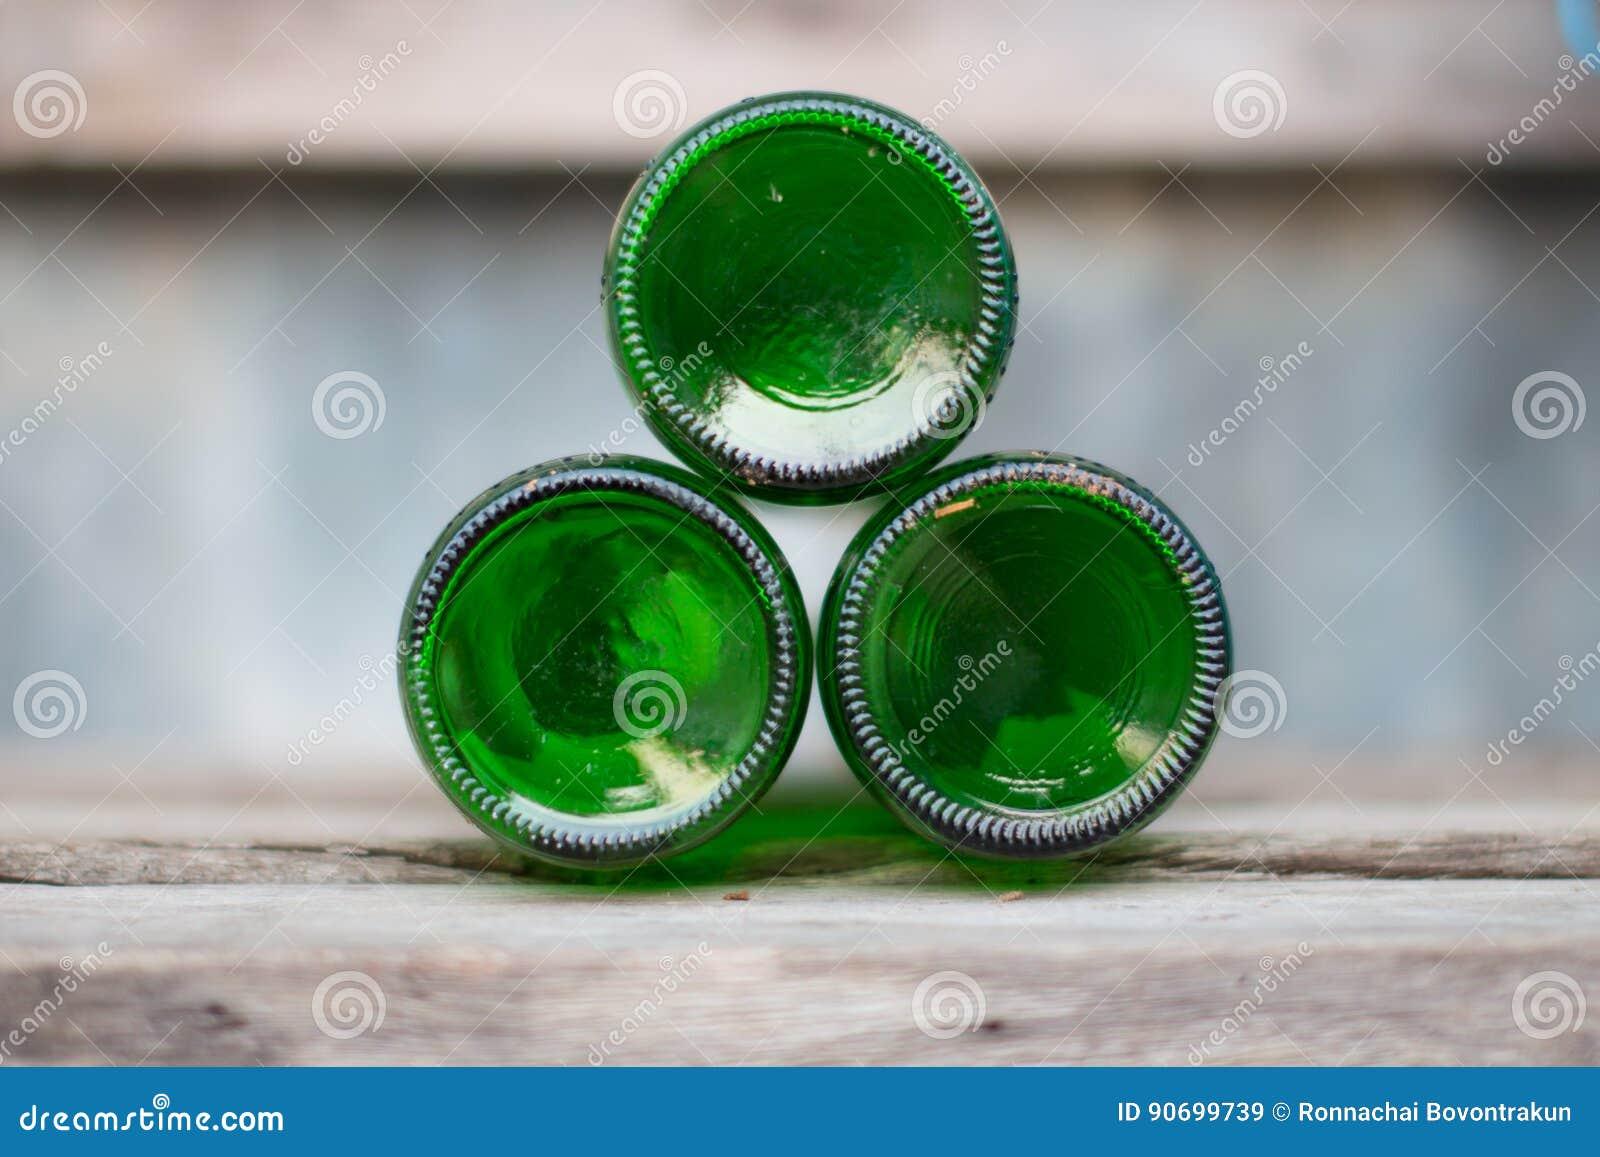 Drei Glasflaschen, grüne Unterseiten liegen voran auf hölzernem